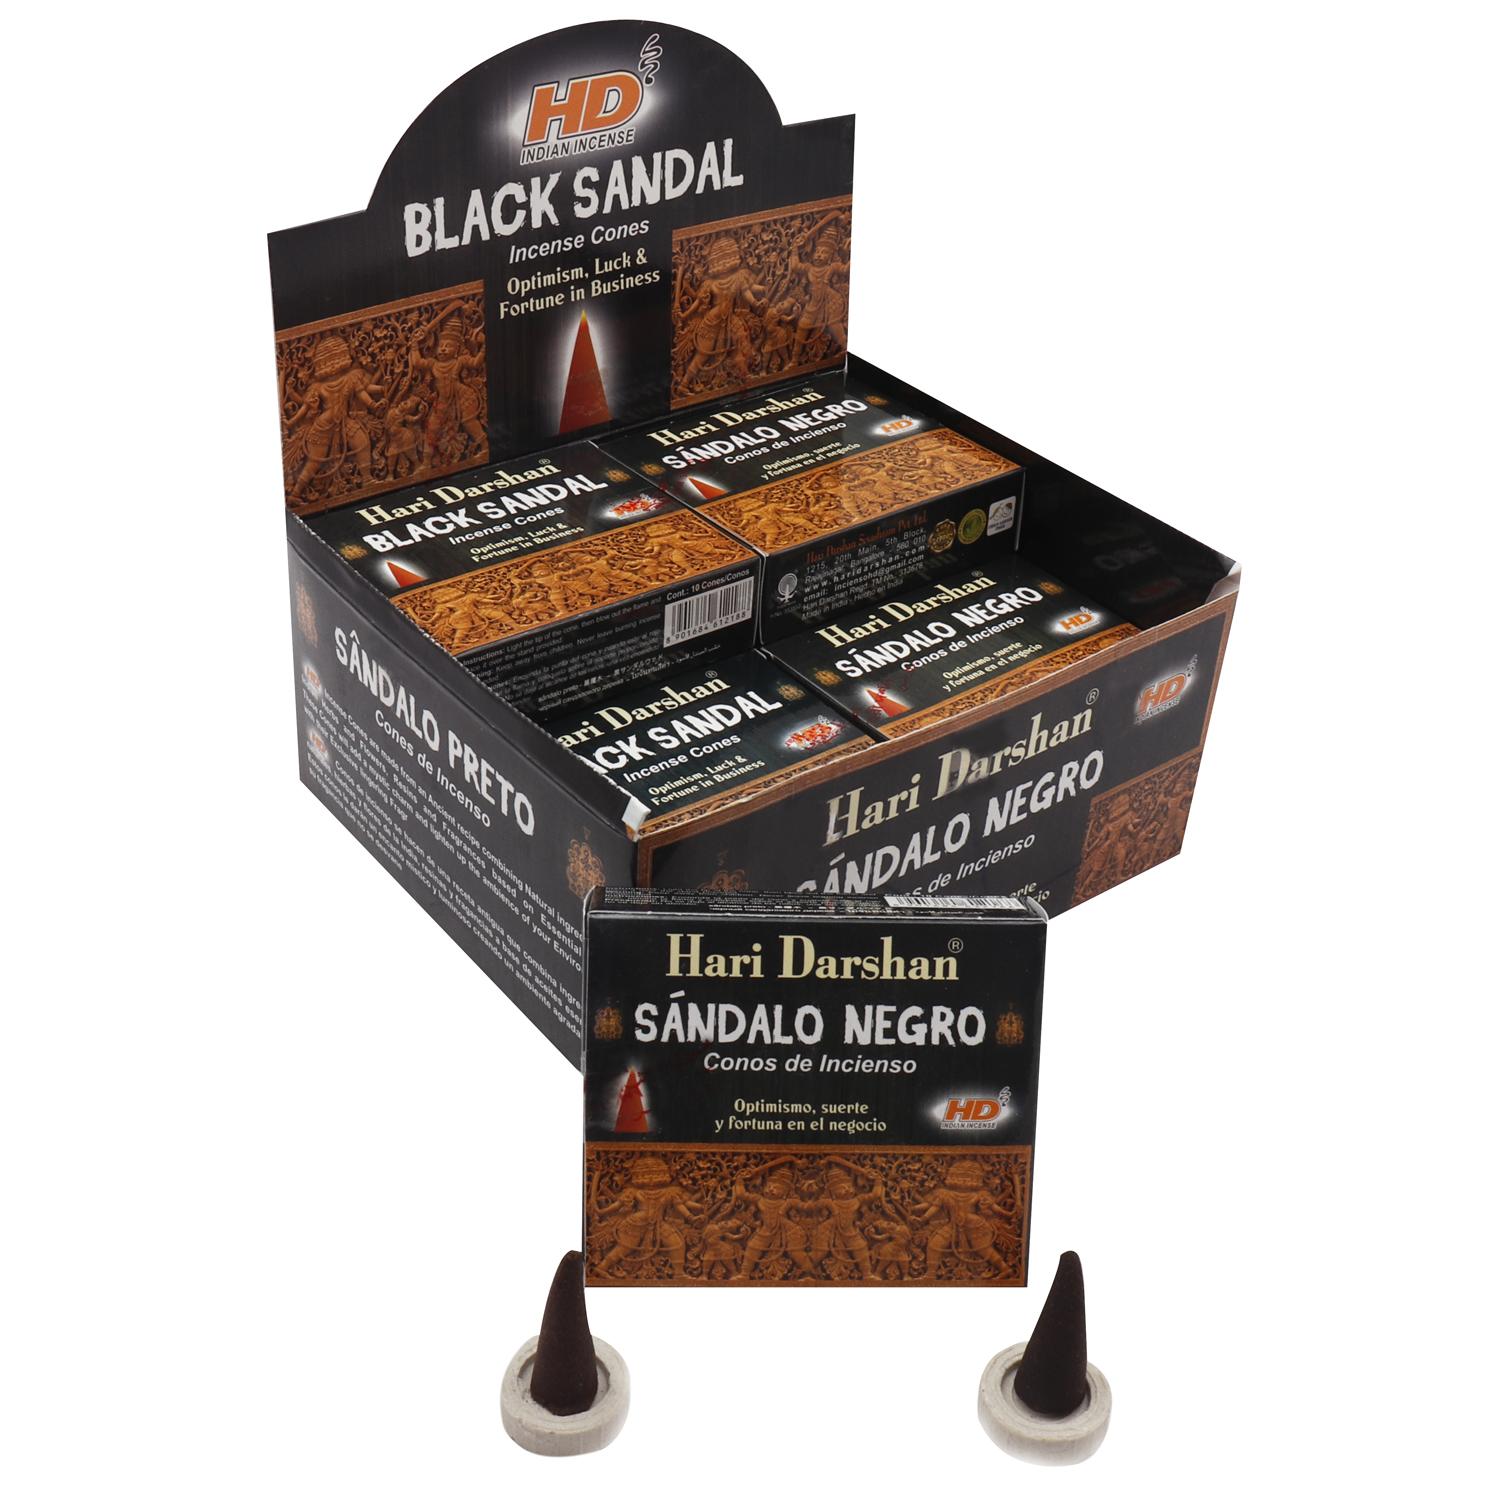 HARI DARSHAN CONE BLACK SANDAL / SANDALO NEGRO